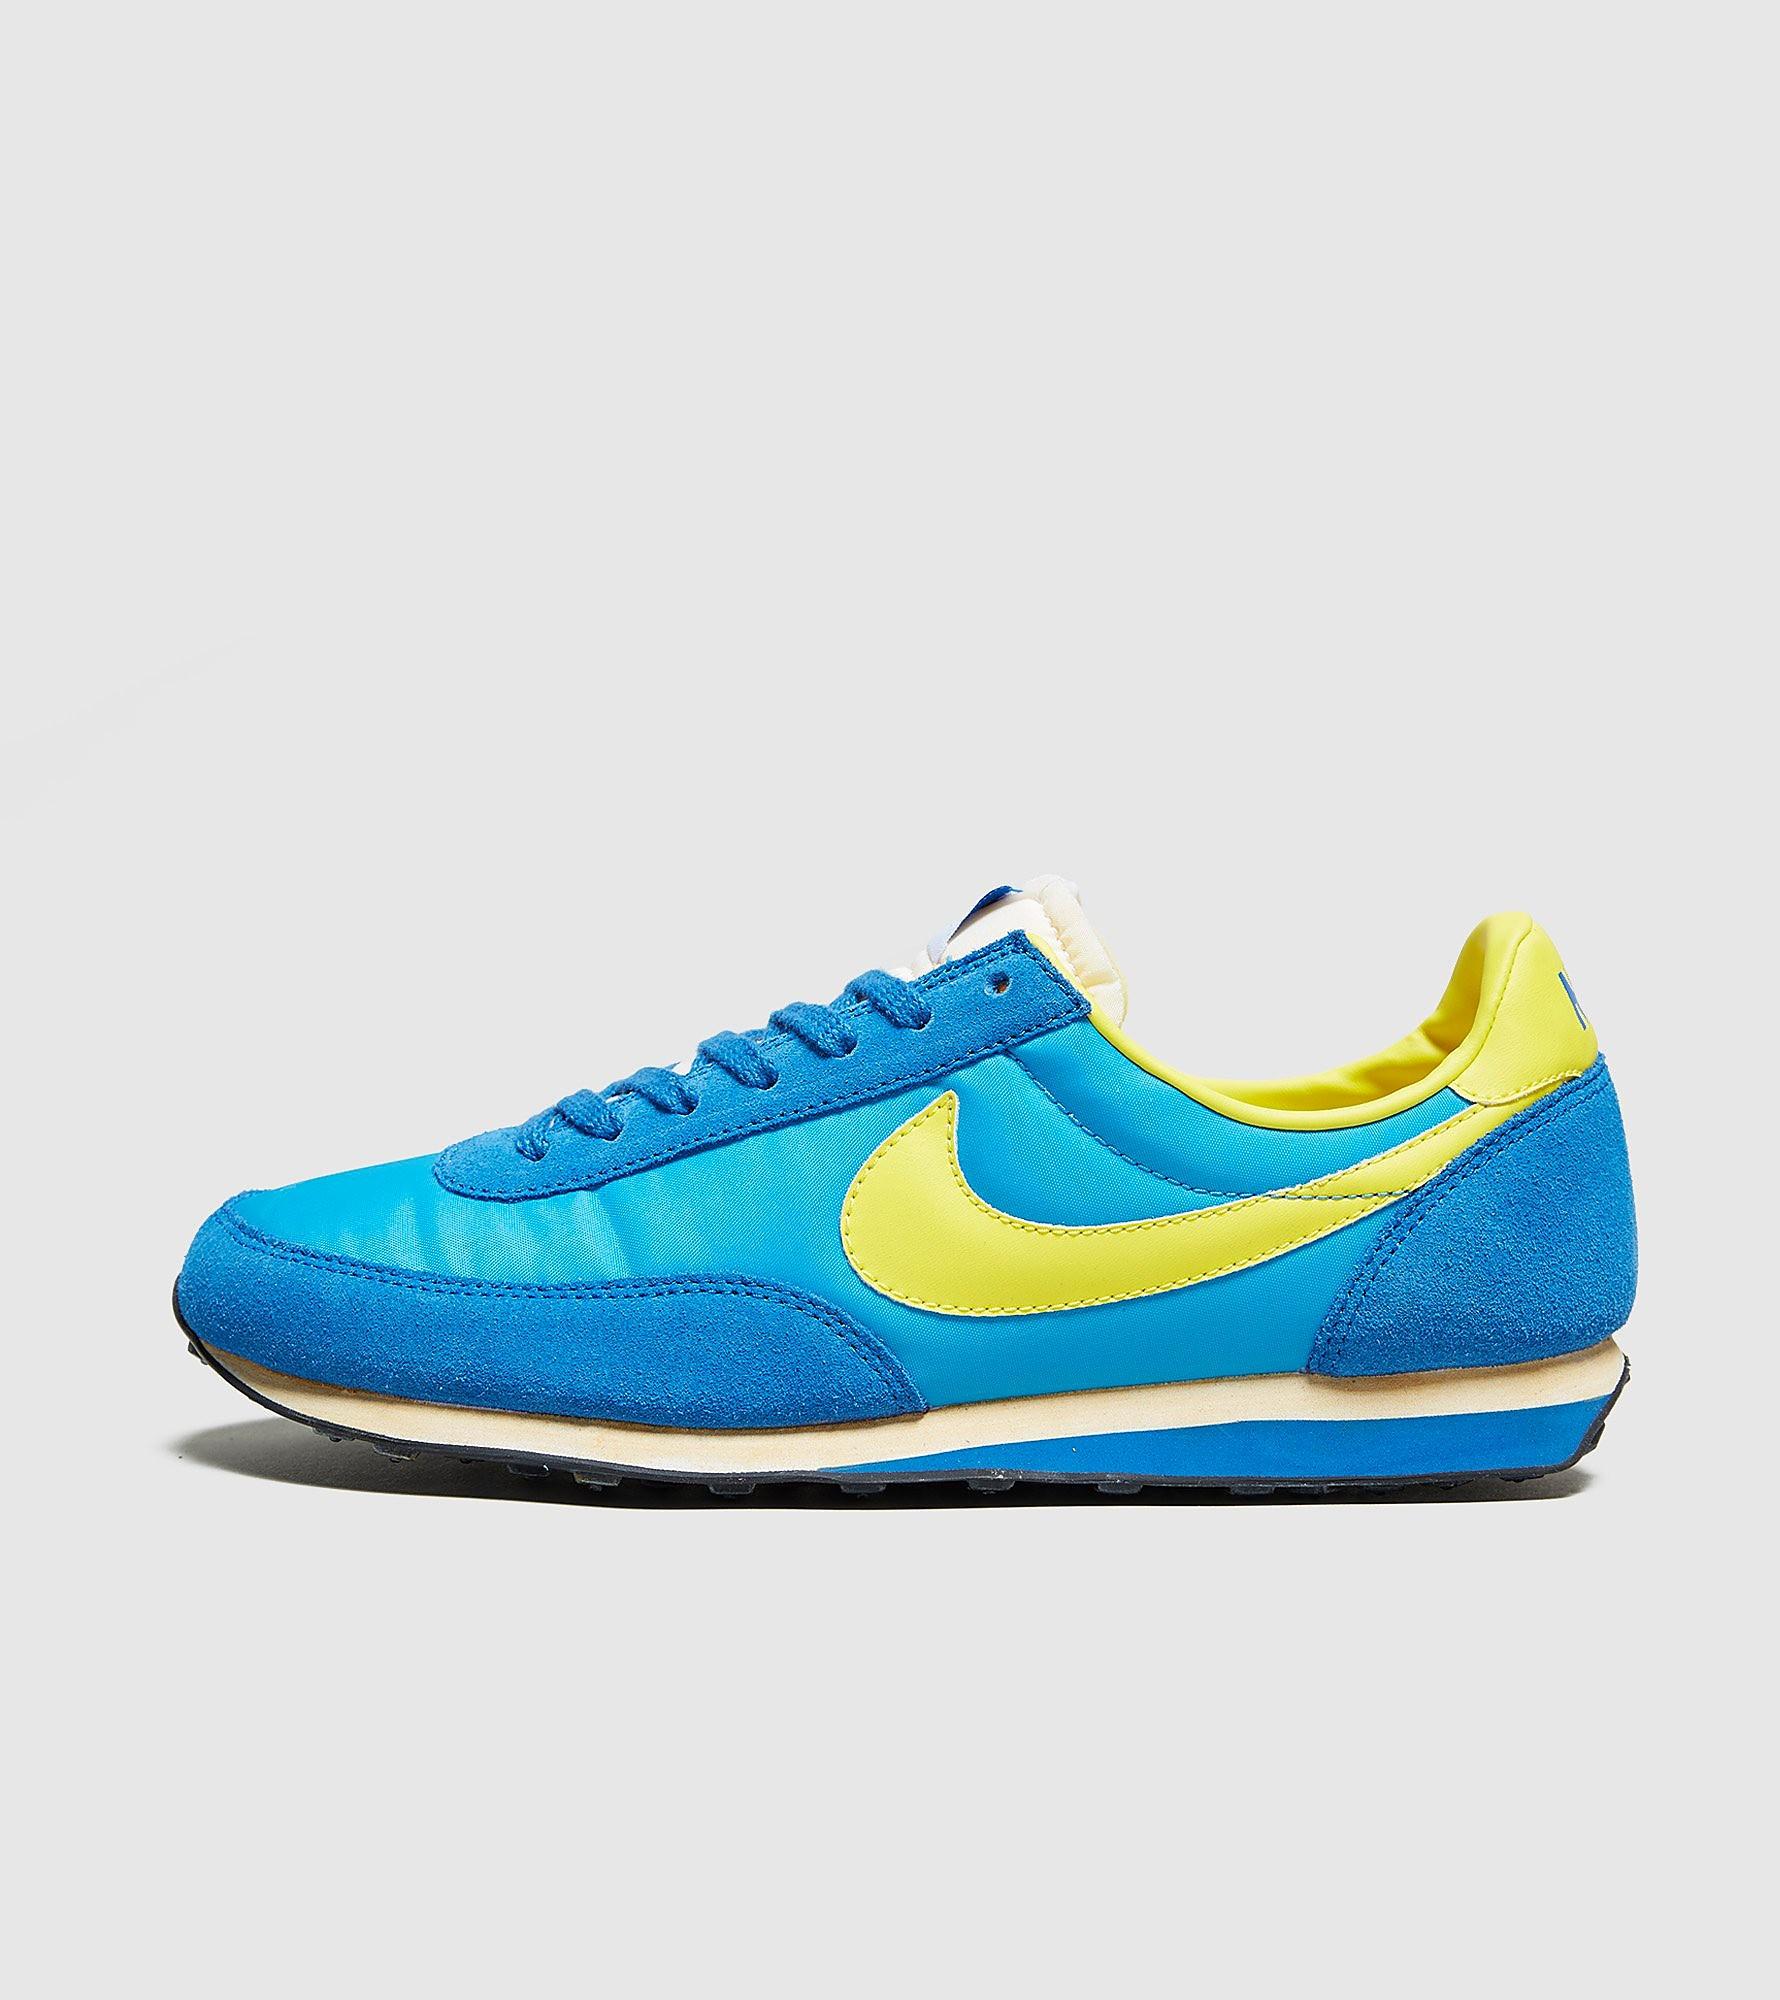 Nike Elite OG size? Exclusive